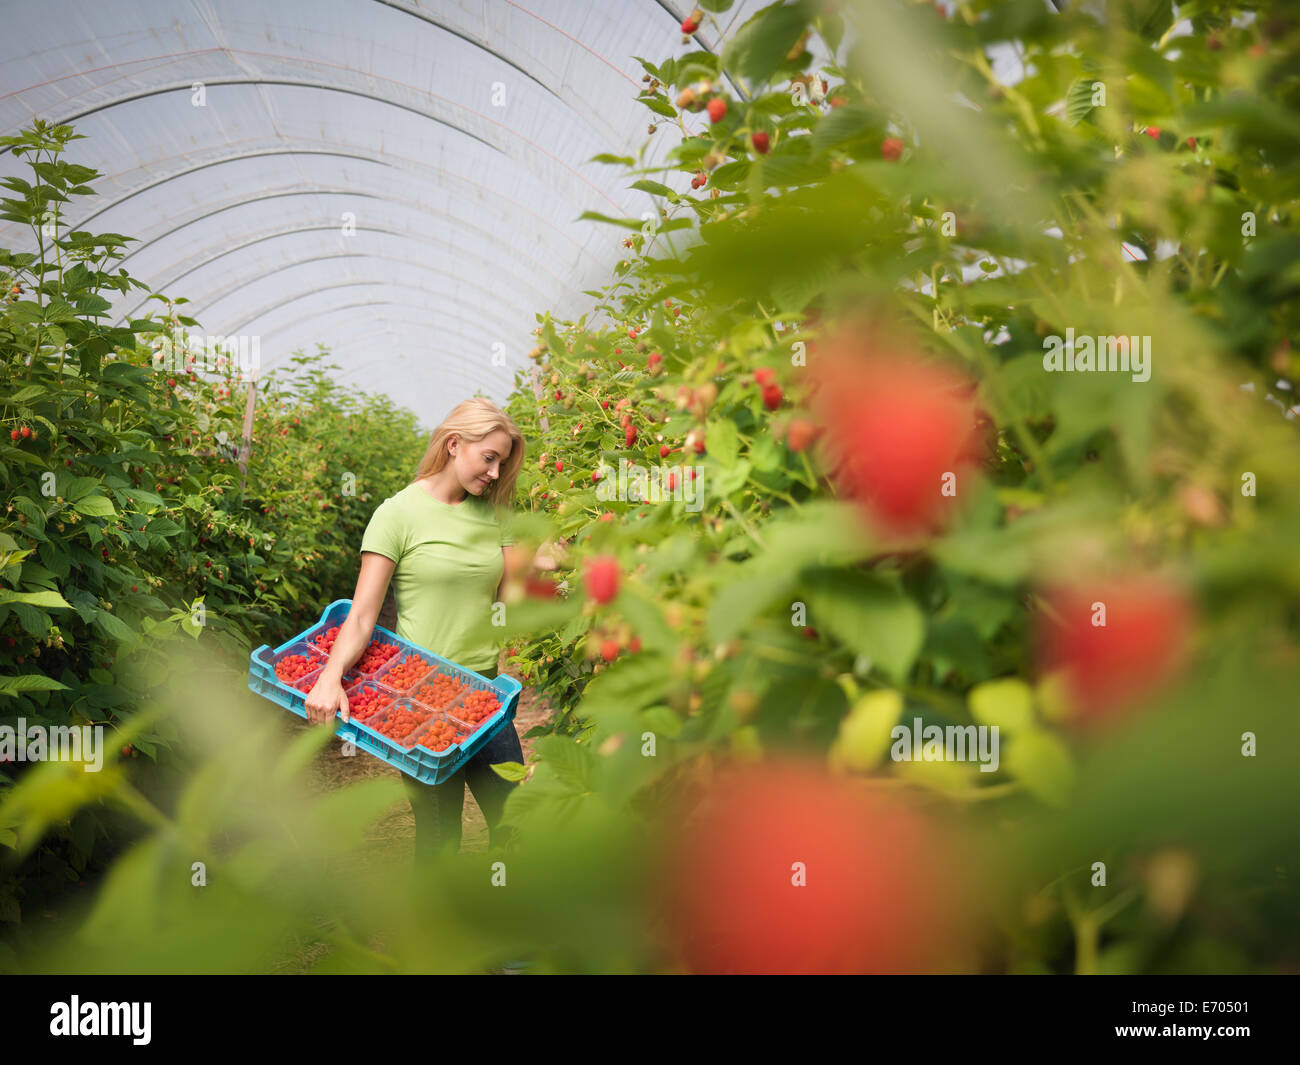 Lavoratore la raccolta dei lamponi in azienda frutticola Immagini Stock